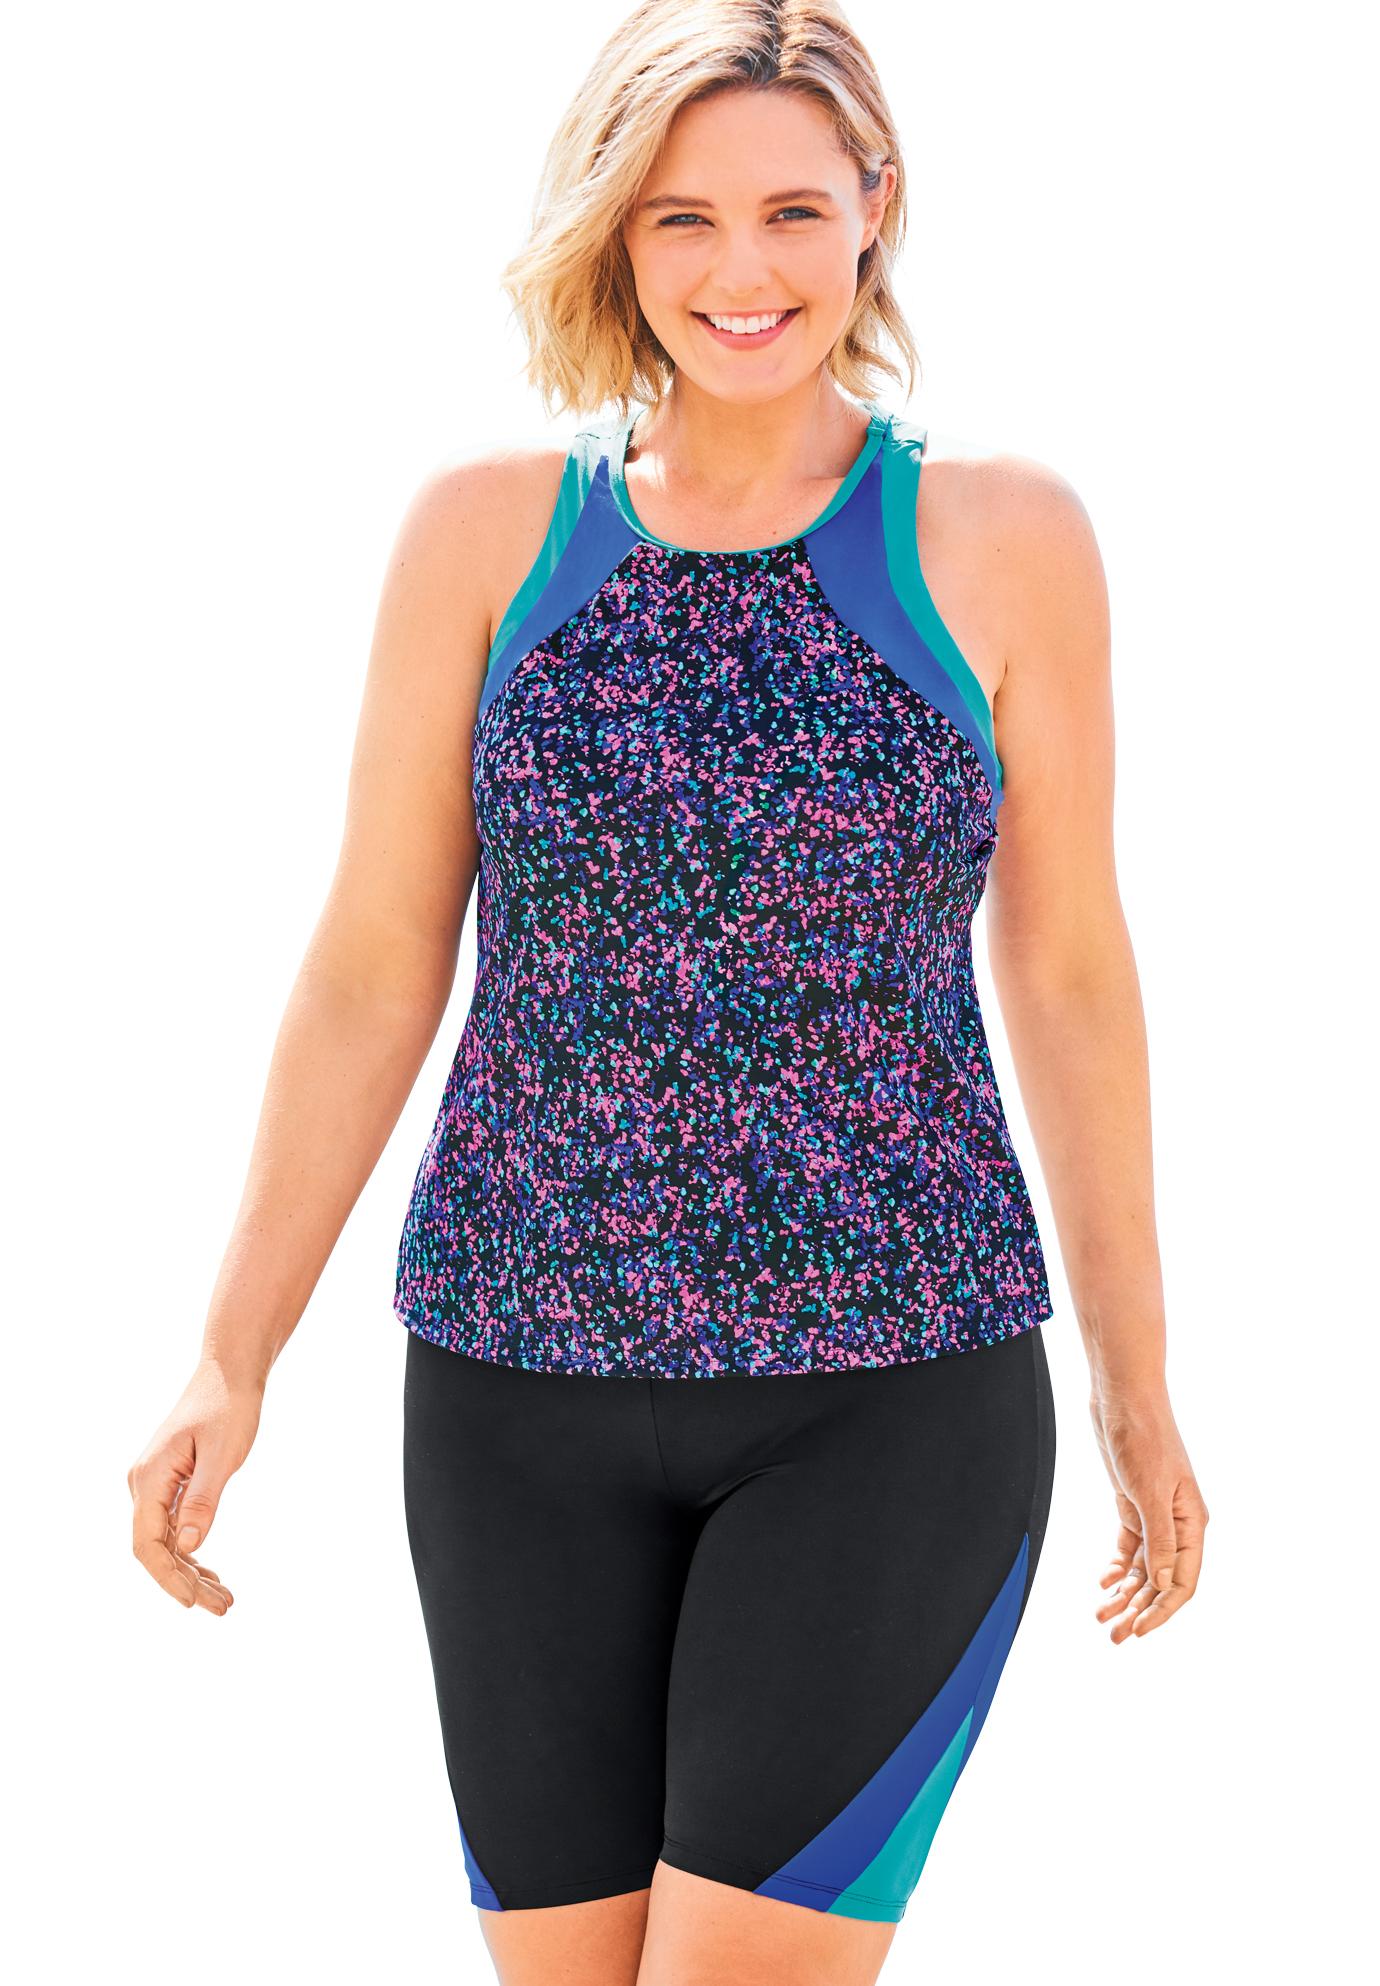 Plus Size Women's Colorblock Tankini Top with Sun Protection by Swim 365 in Black Confetti